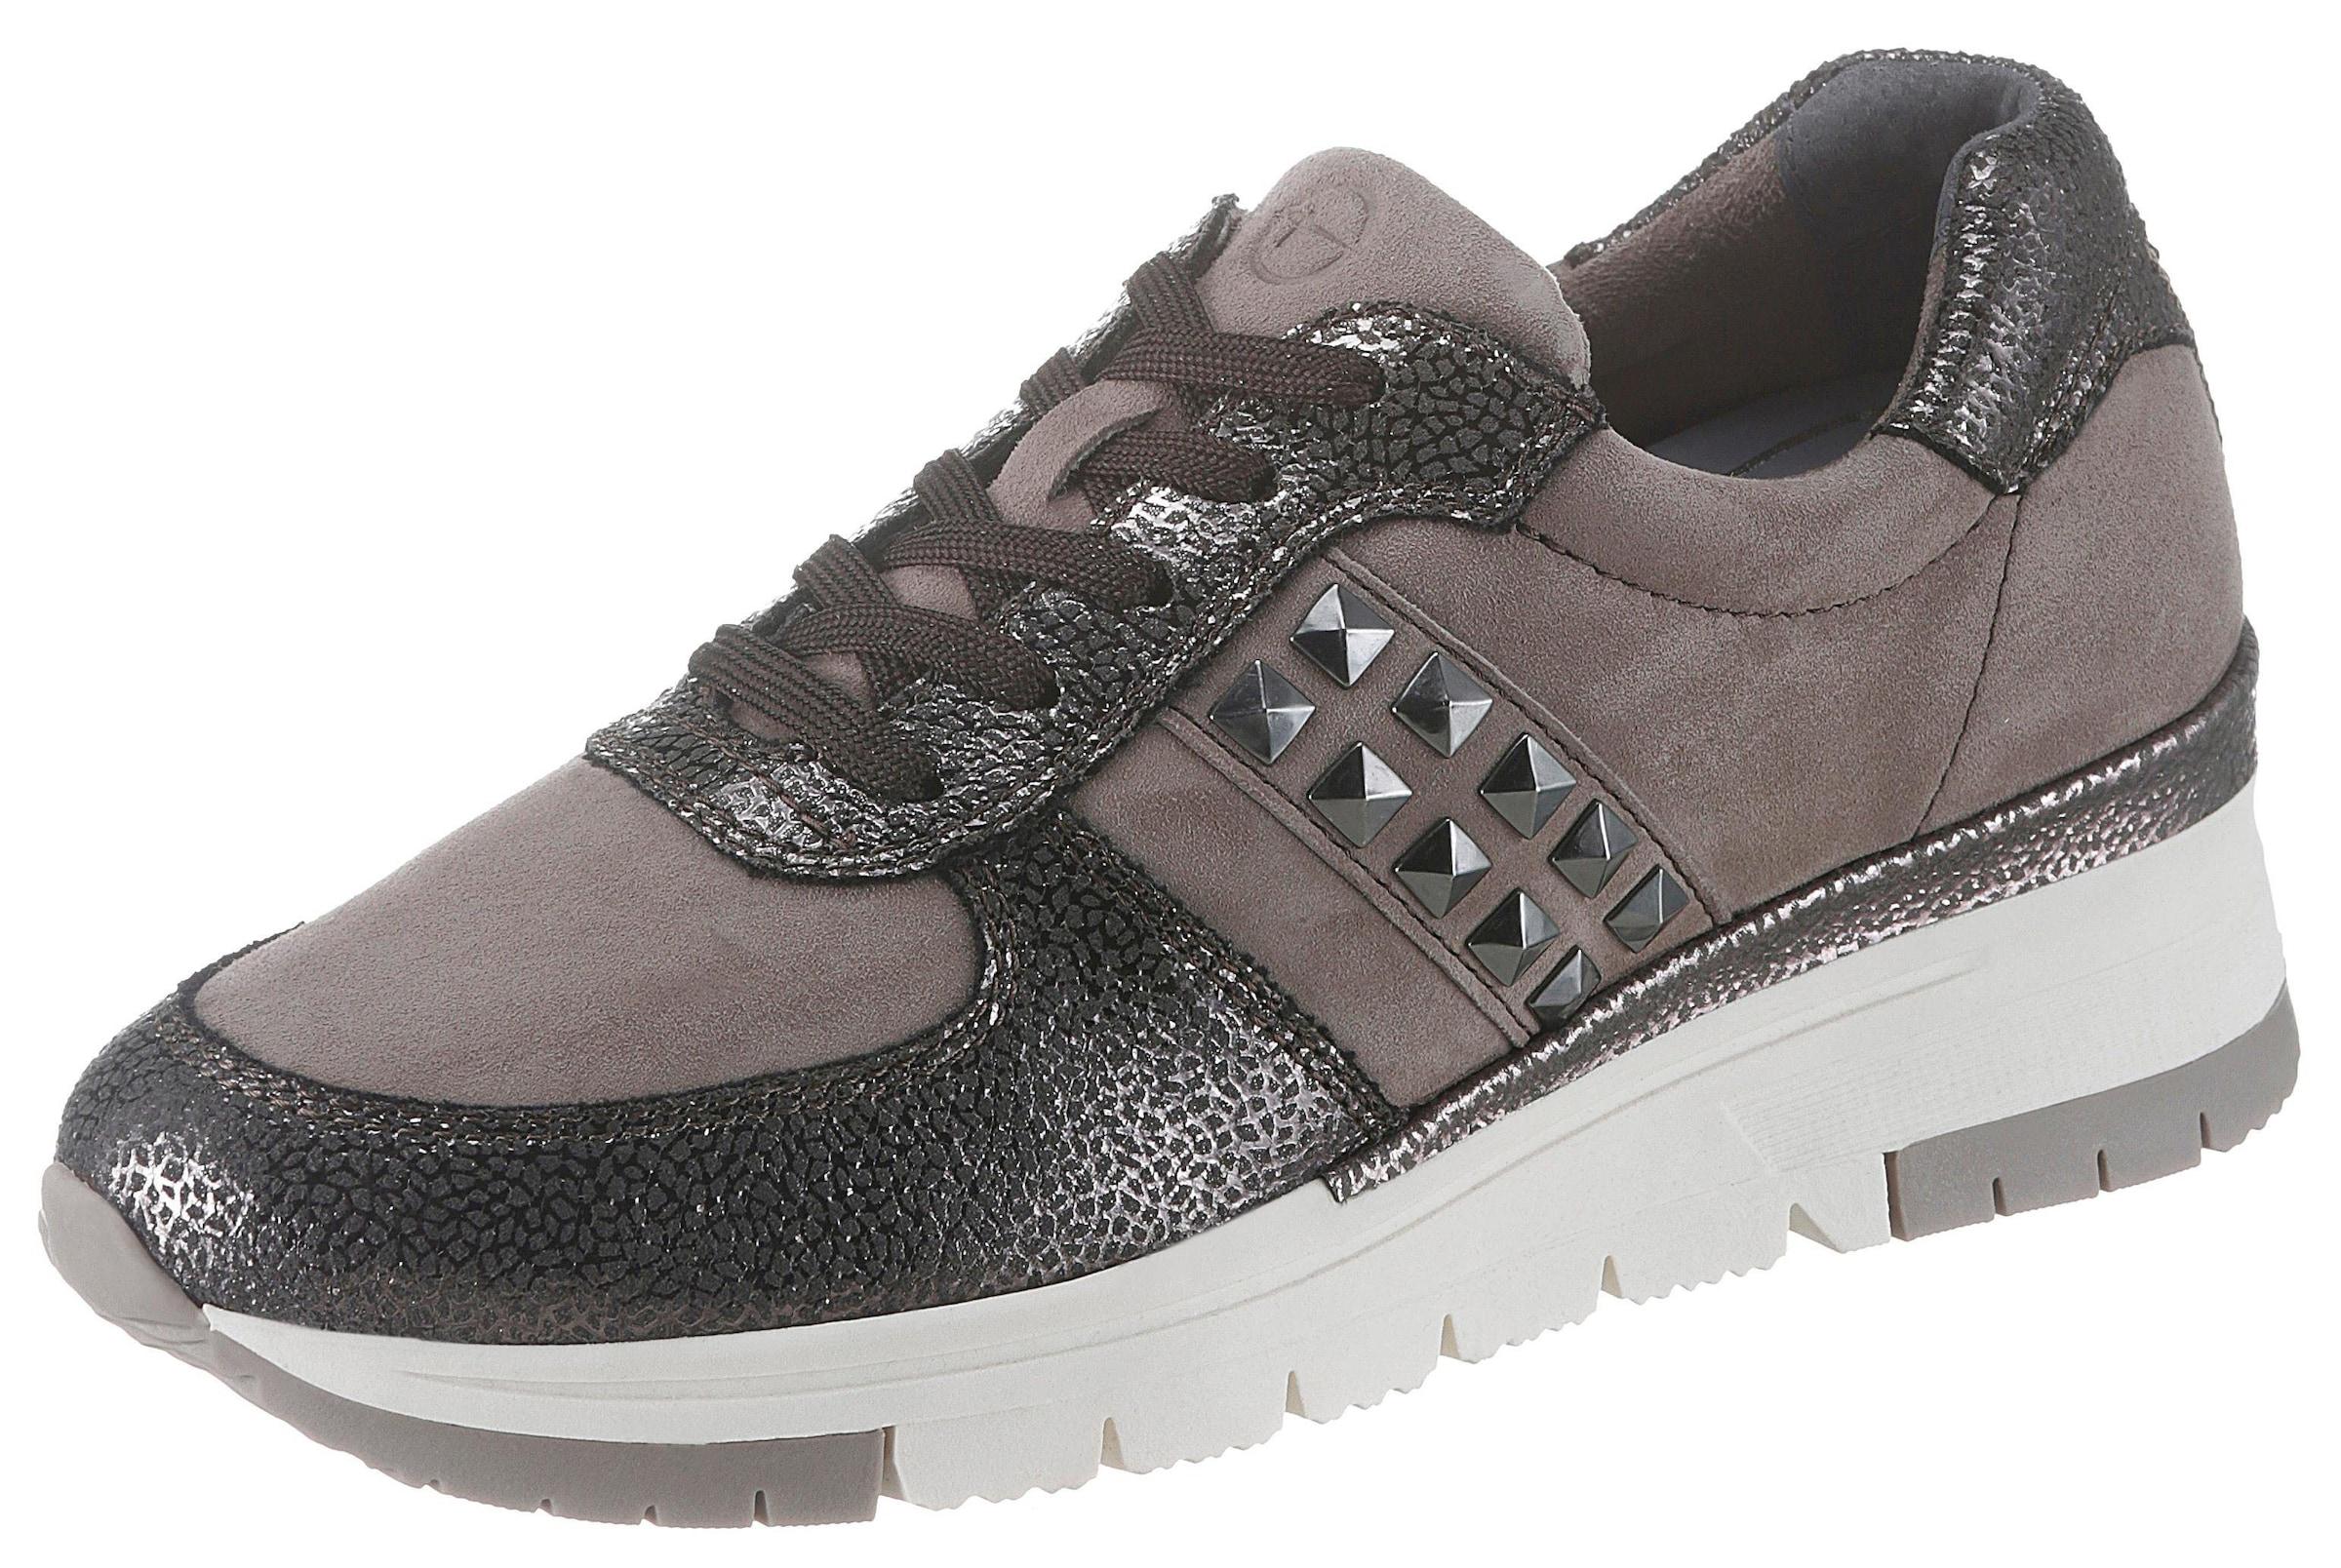 Tamaris Schuhe, Taschen und Accessoires » Heine